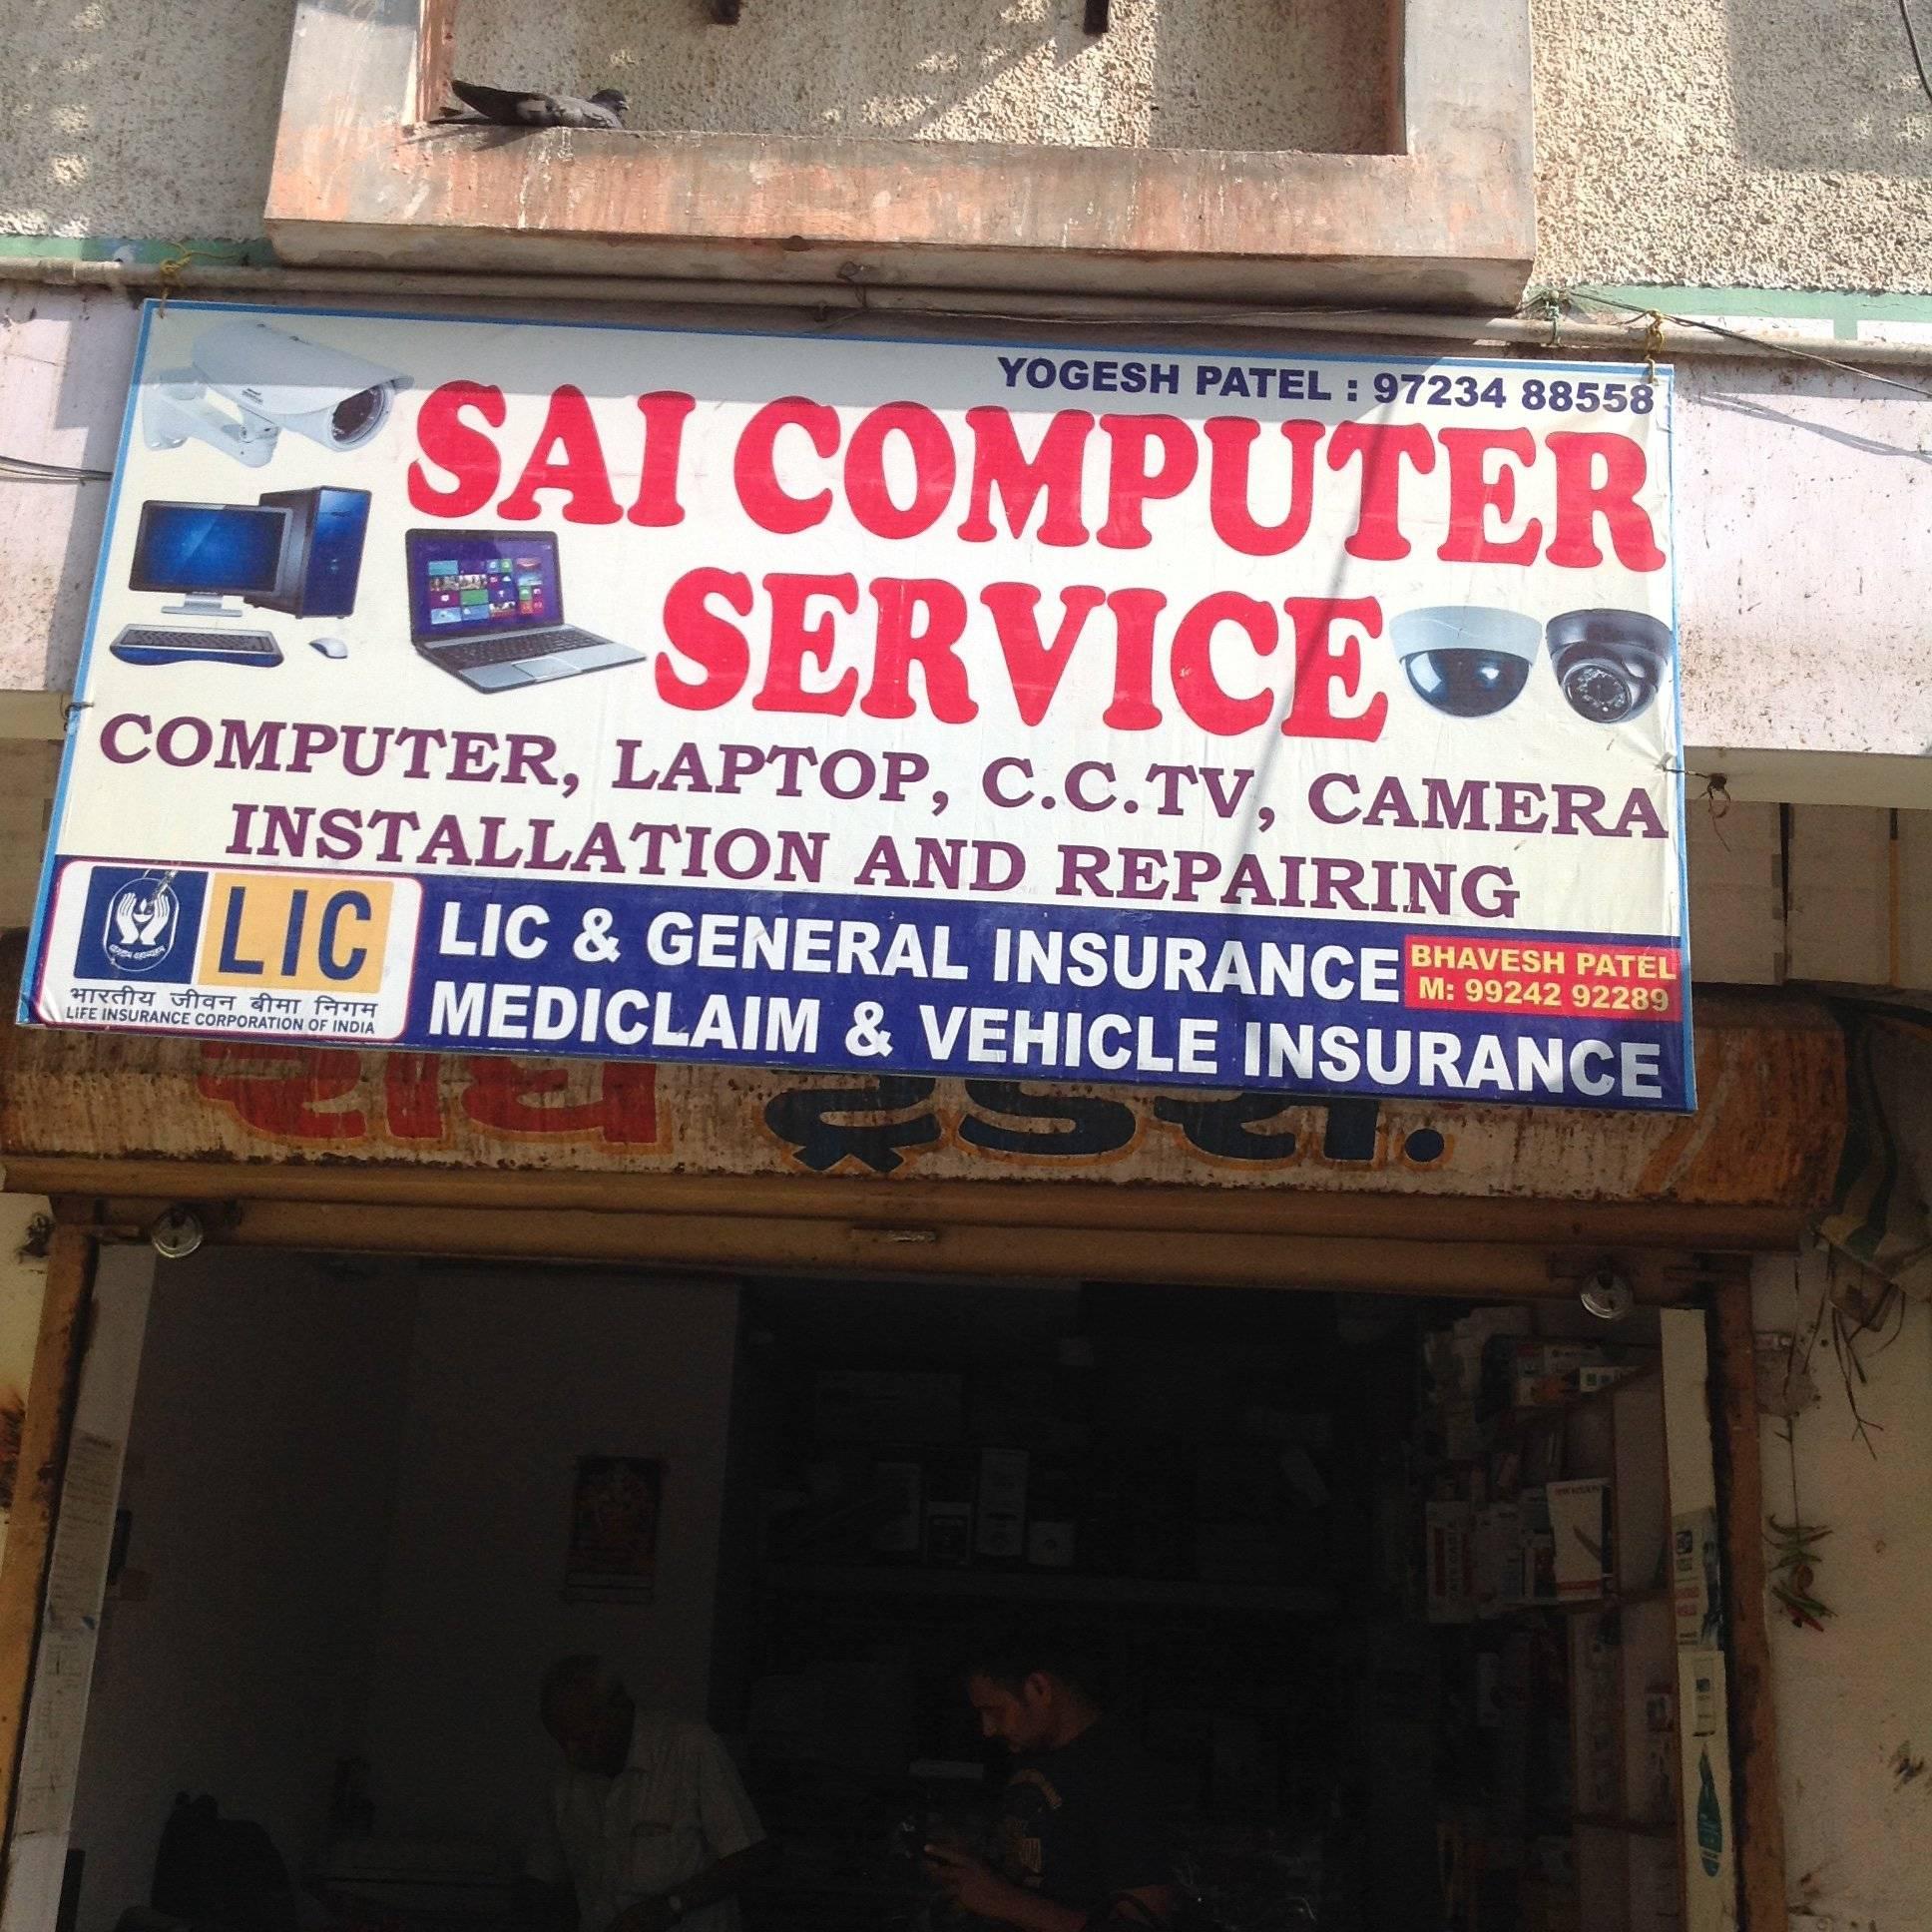 Top Securus Cctv Dealers in Vadodara - Best Securus Cctv Dealers